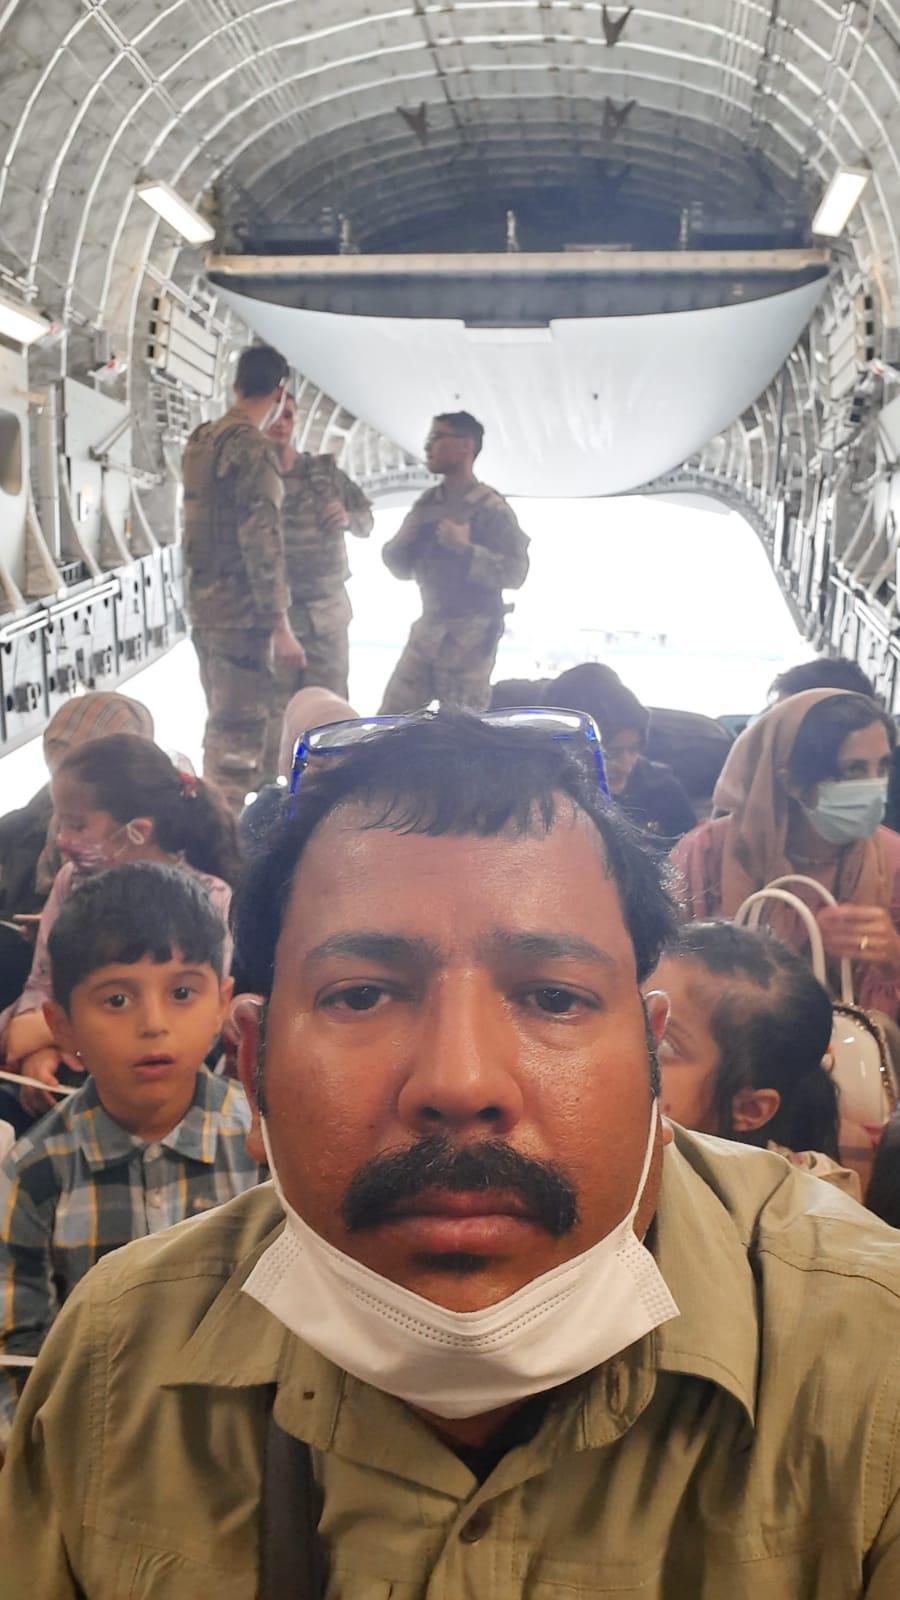 अमेरिका की फ्लाइट से 32 अन्य भारतीयों के साथ कतर एयरपोर्ट पहुंचे योगेश सैन।